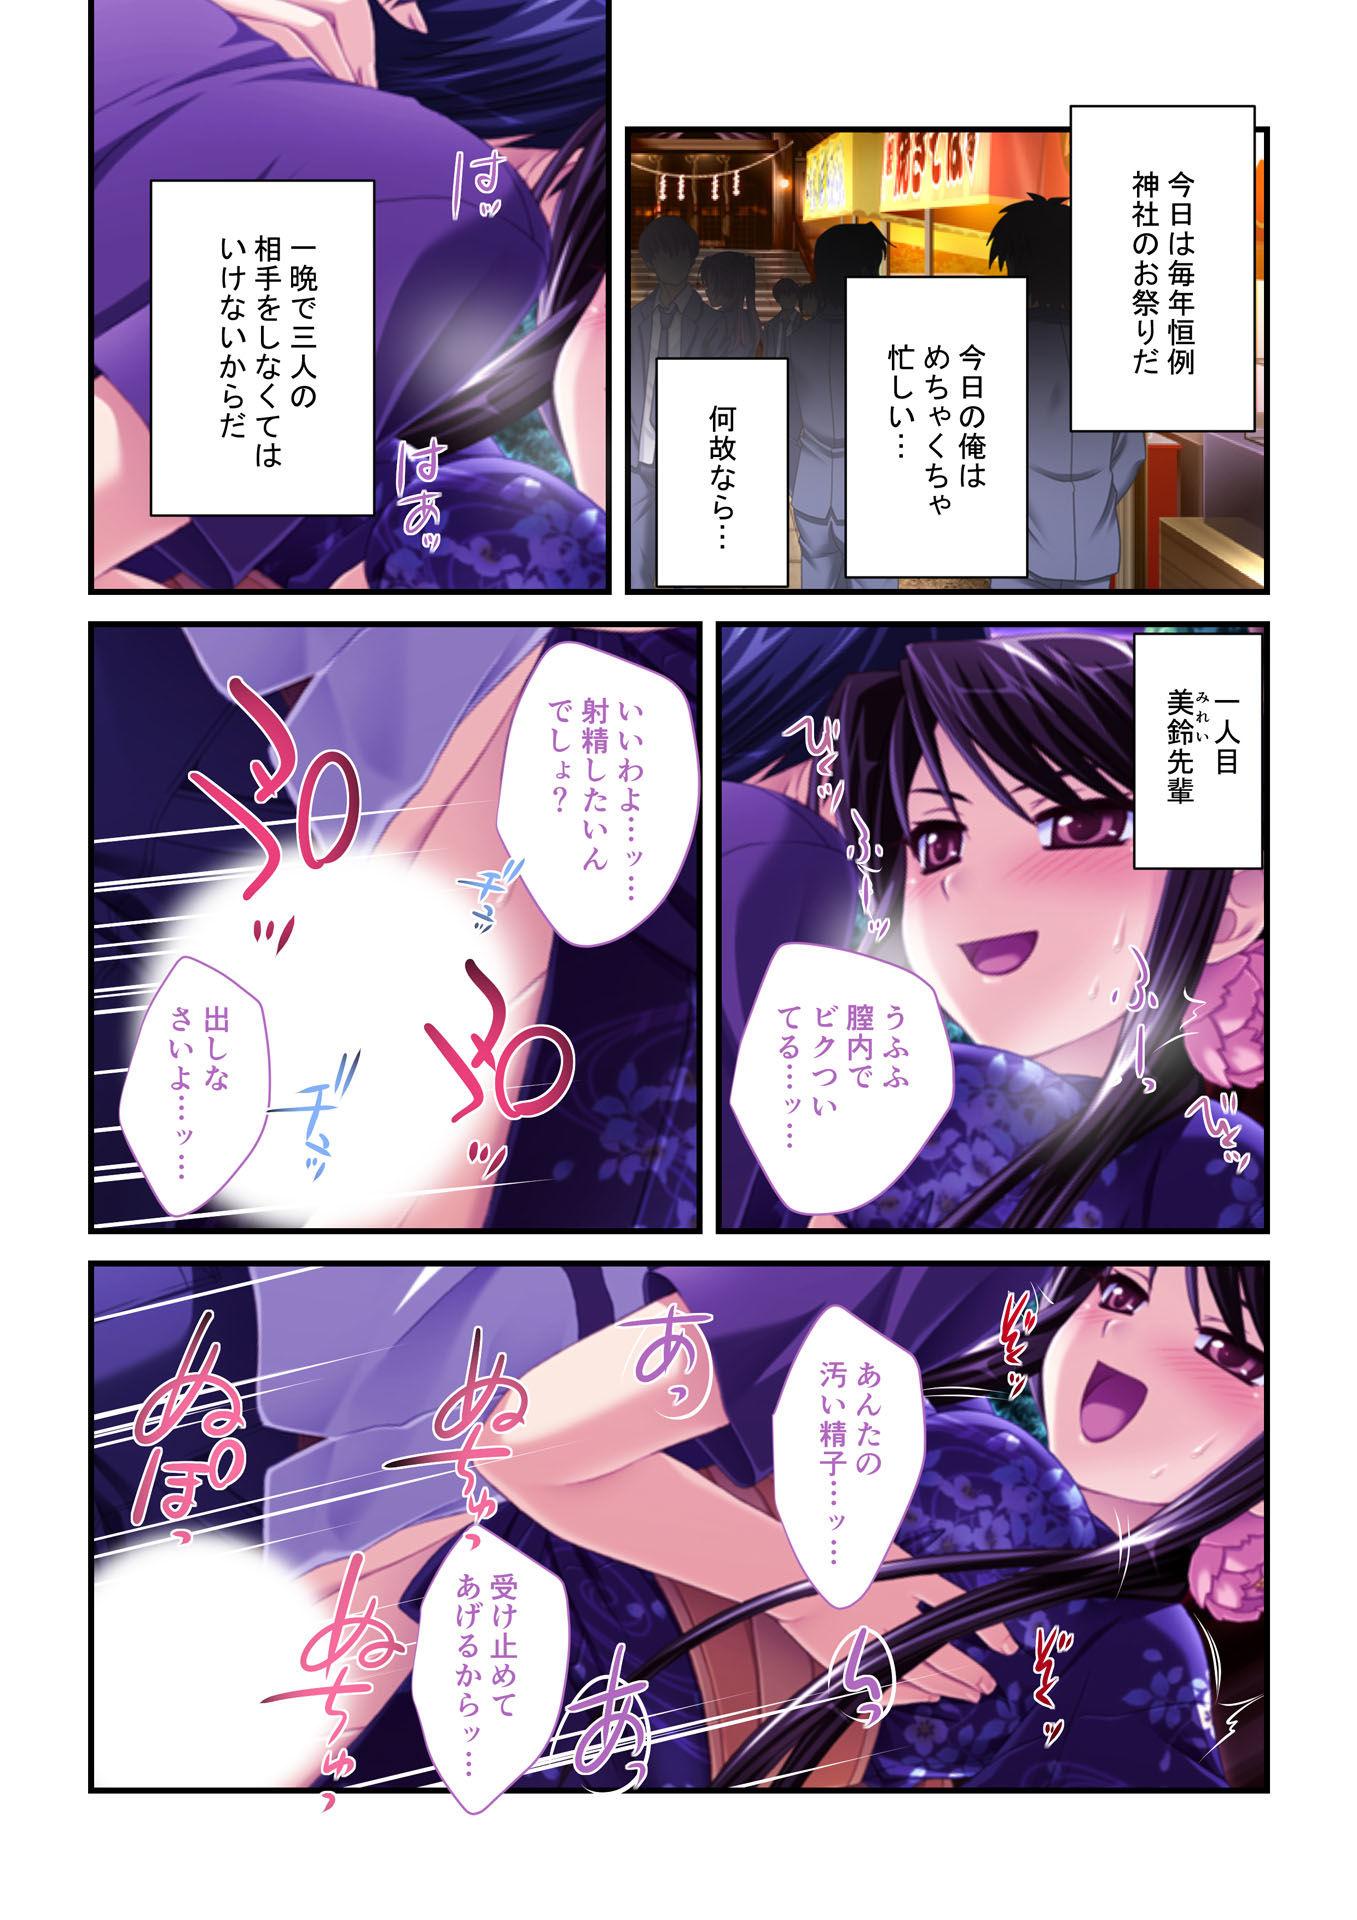 【どろっぷす! 同人】生ハメはーれむエッチしないと治らない呪いにかかった学園美女たち(3)フルカラーコミック版